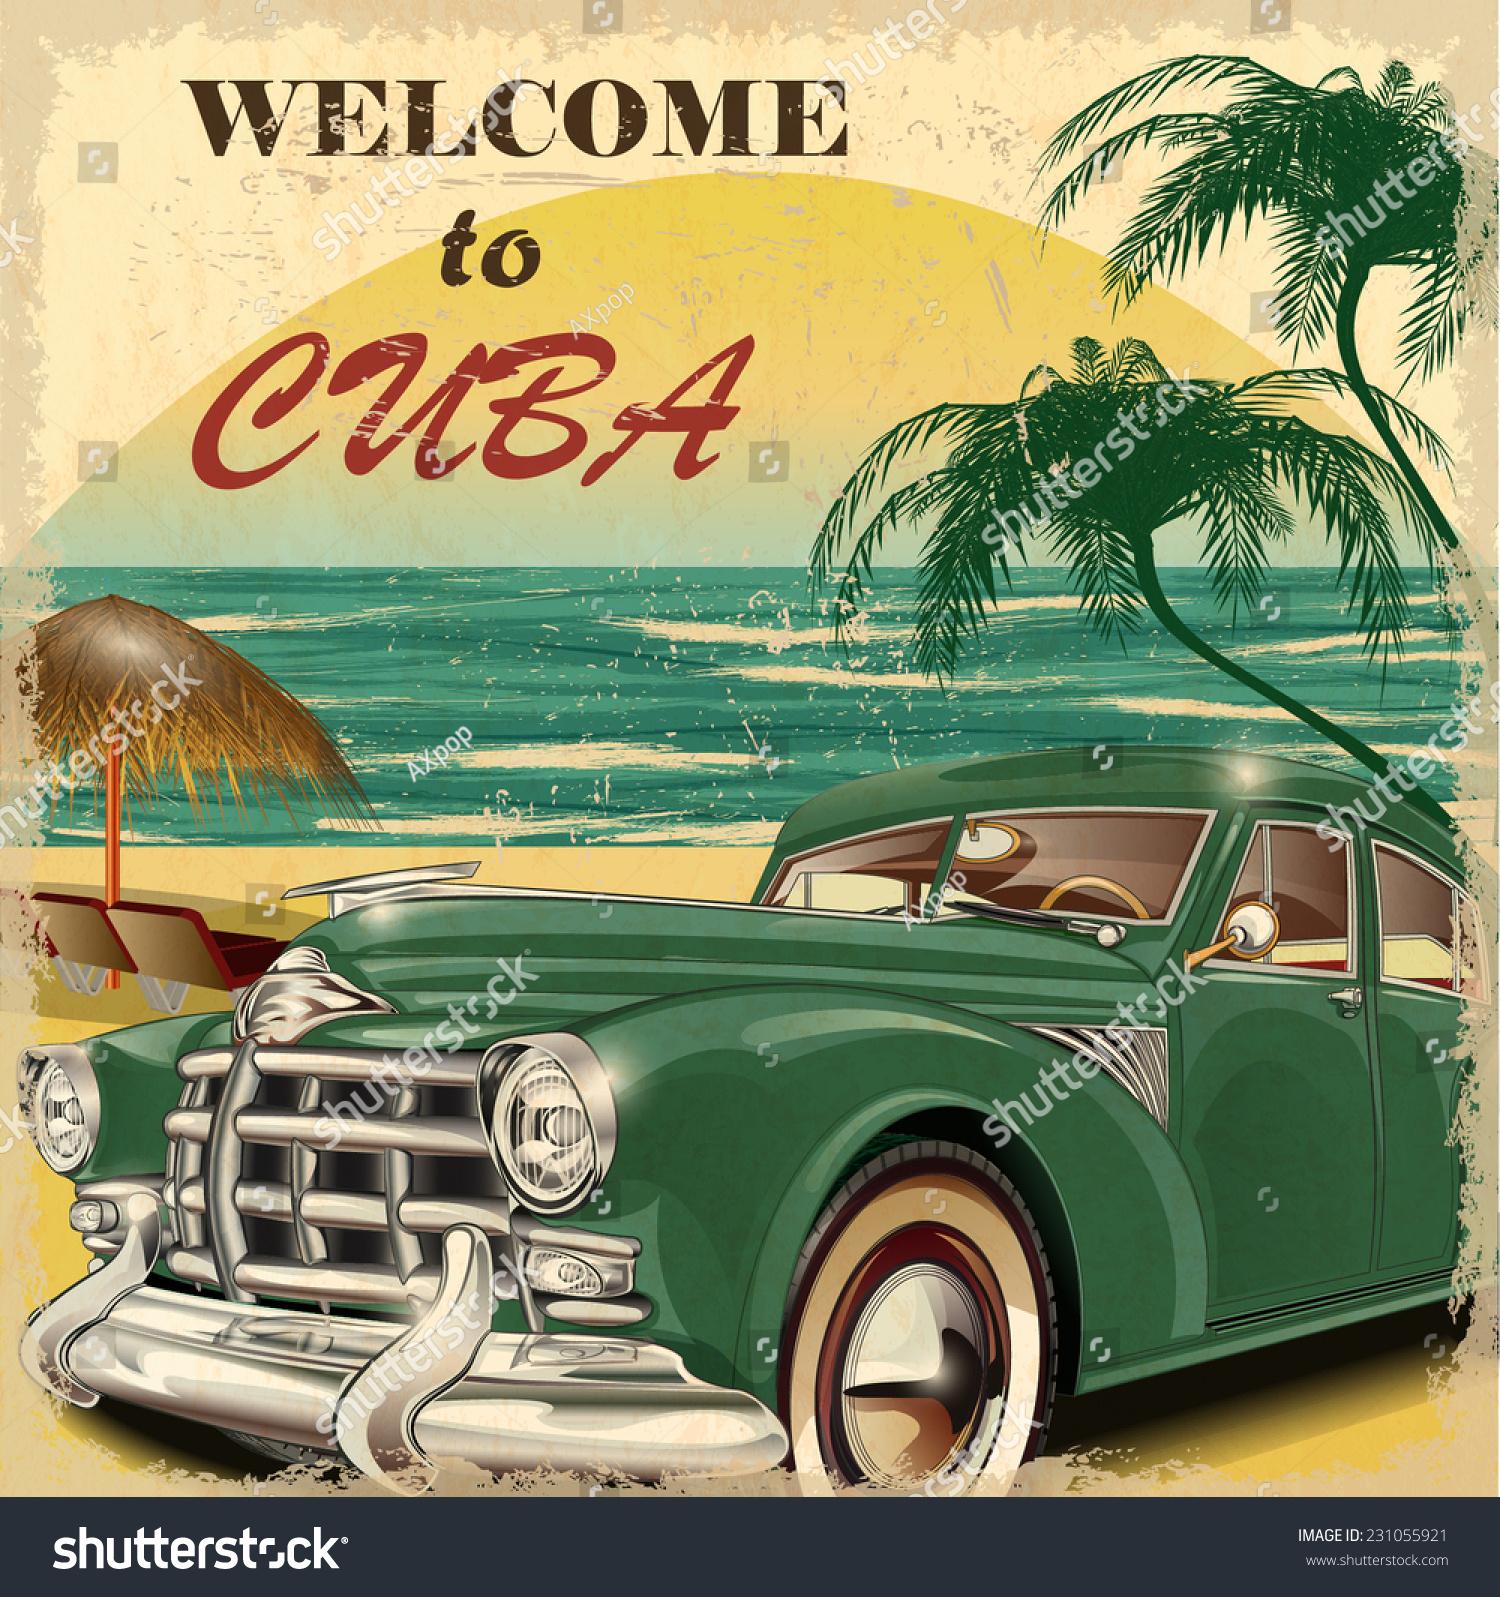 Rent Classic Cars Long Island